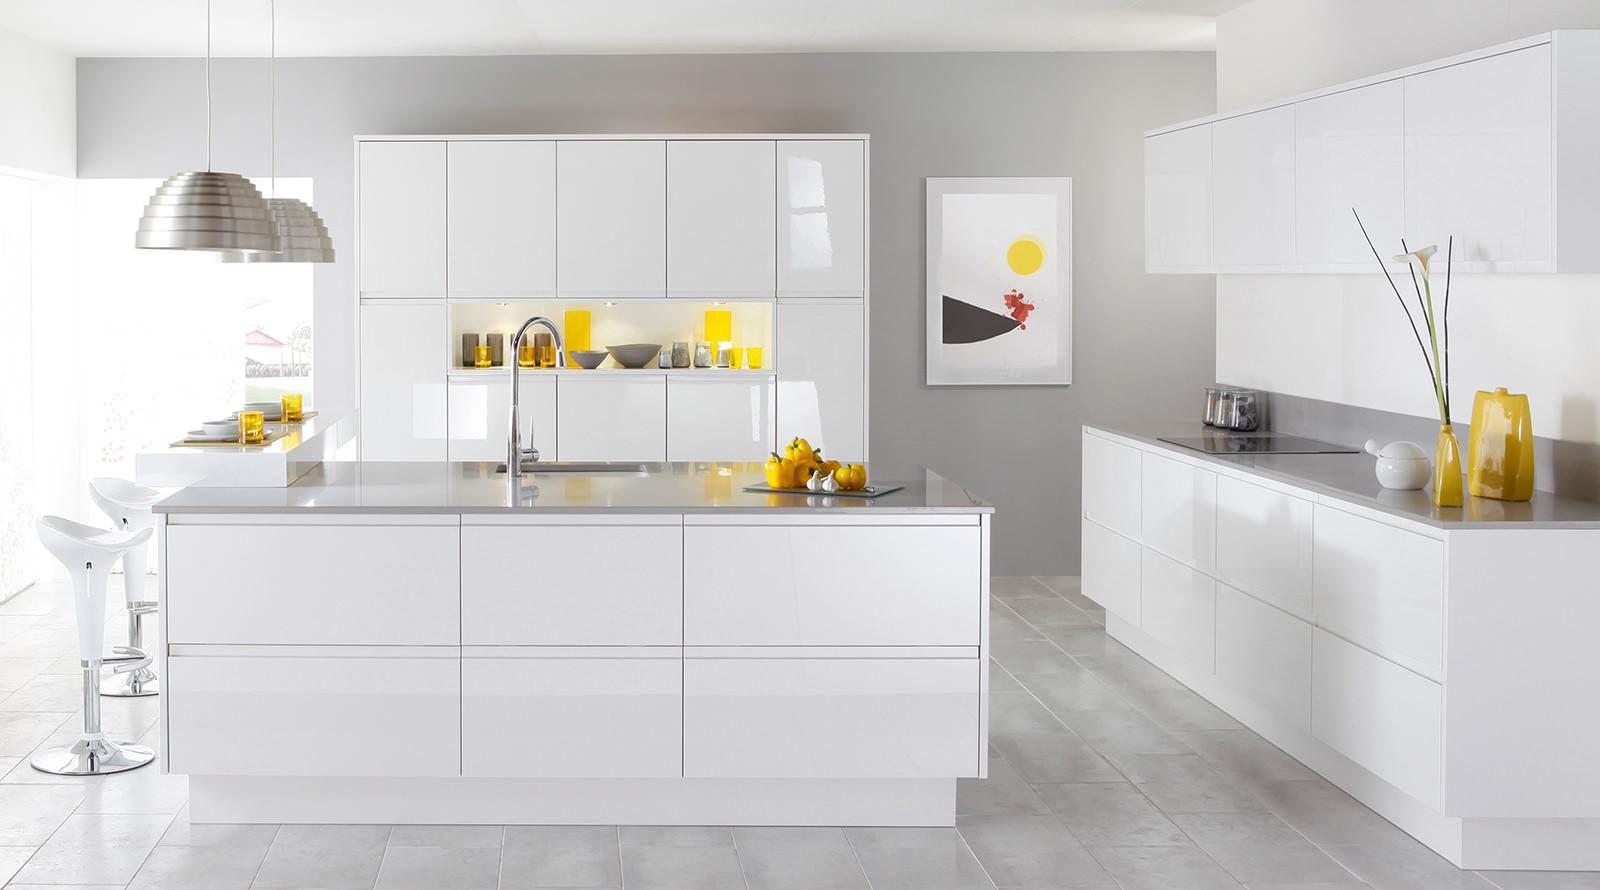 Большая бело-желтая кухня в стиле модерн